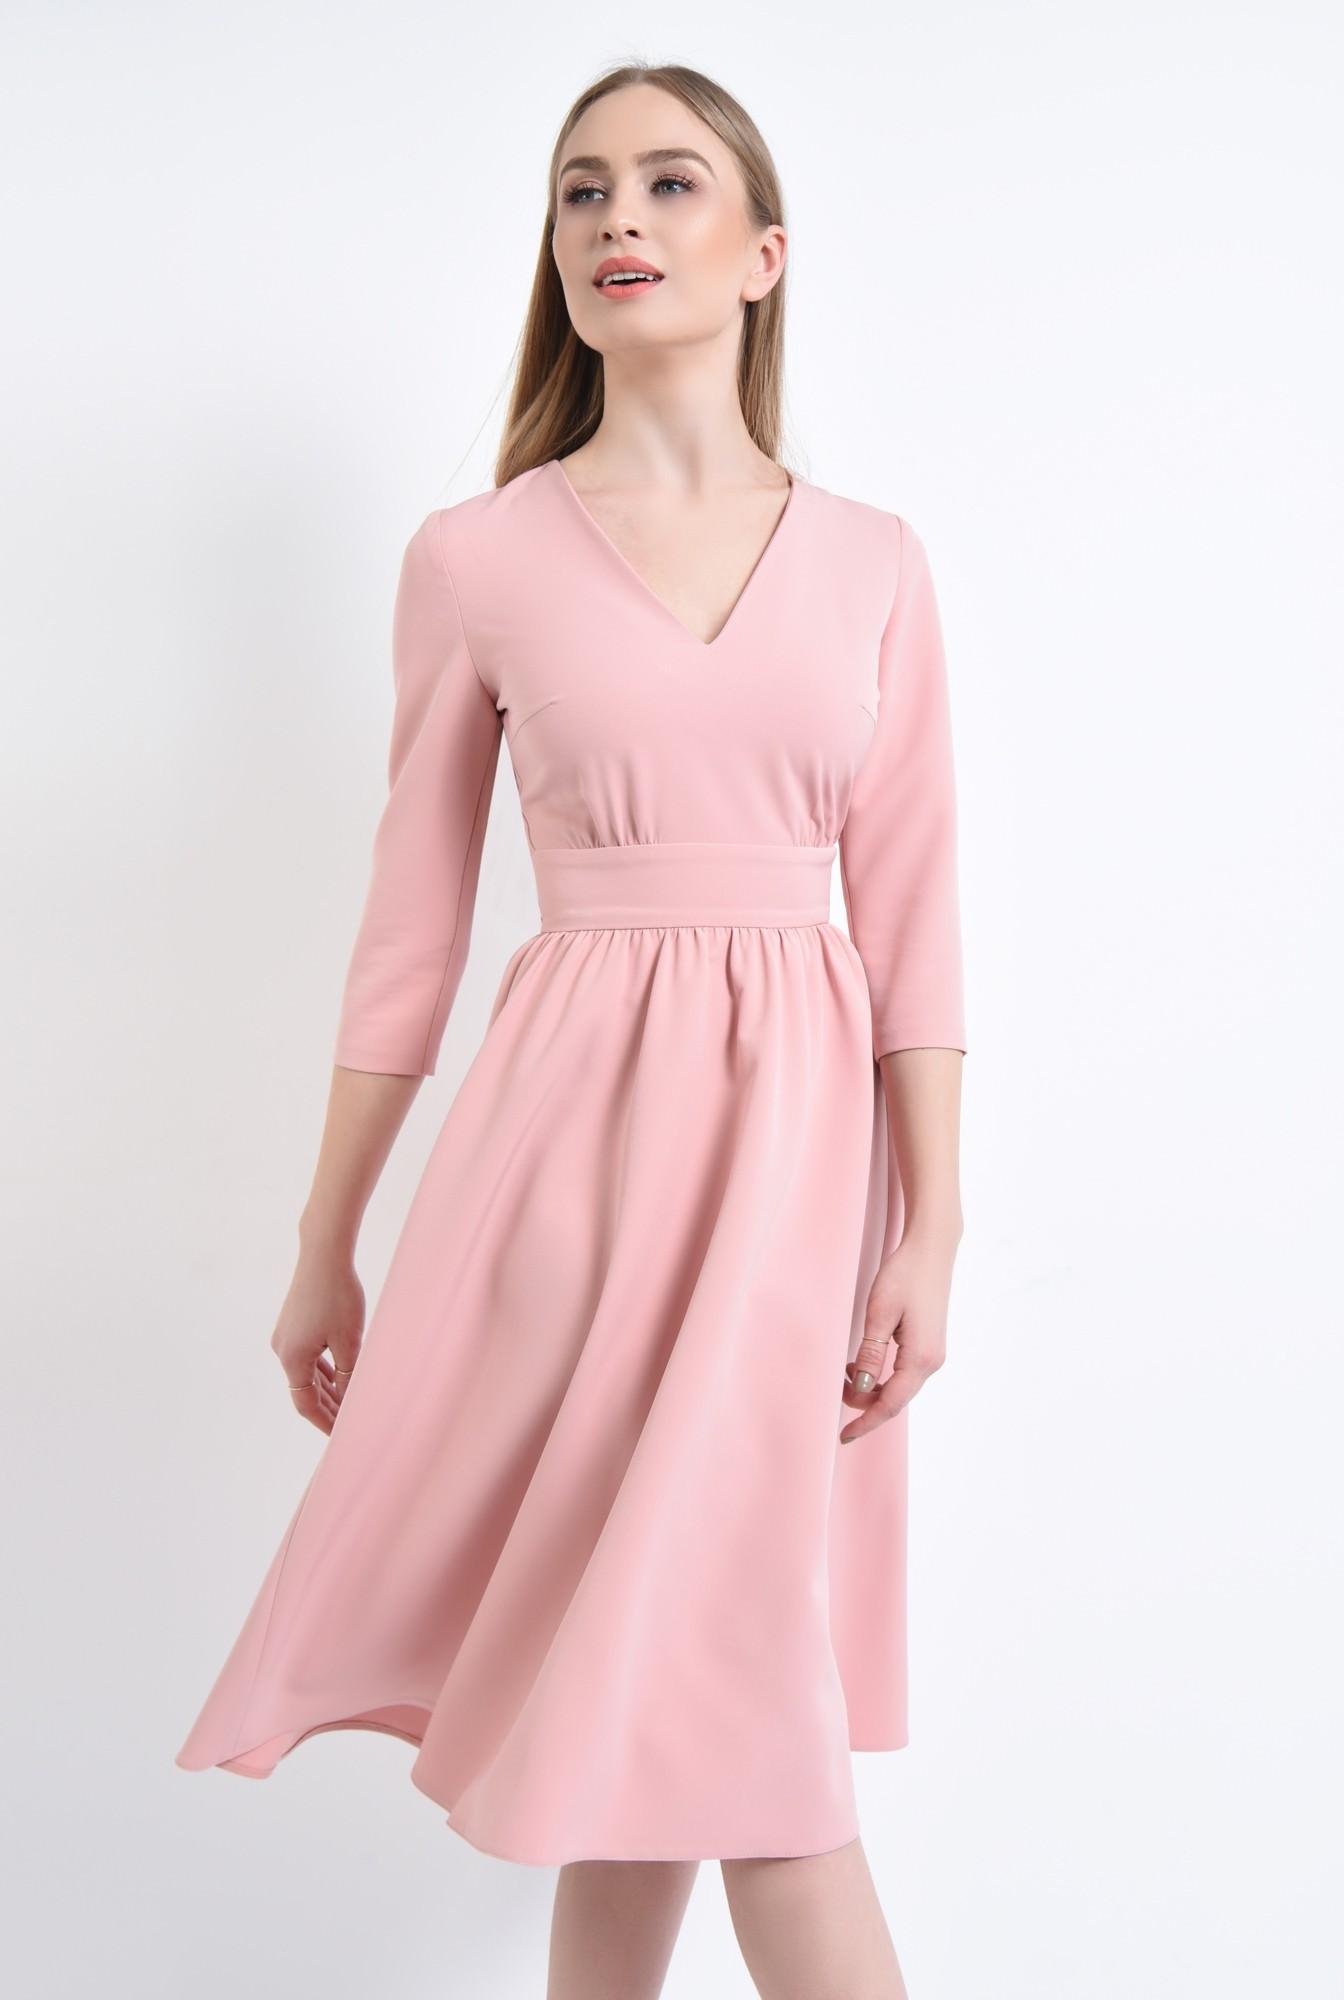 0 - 360 - Rochie casual roz, midi